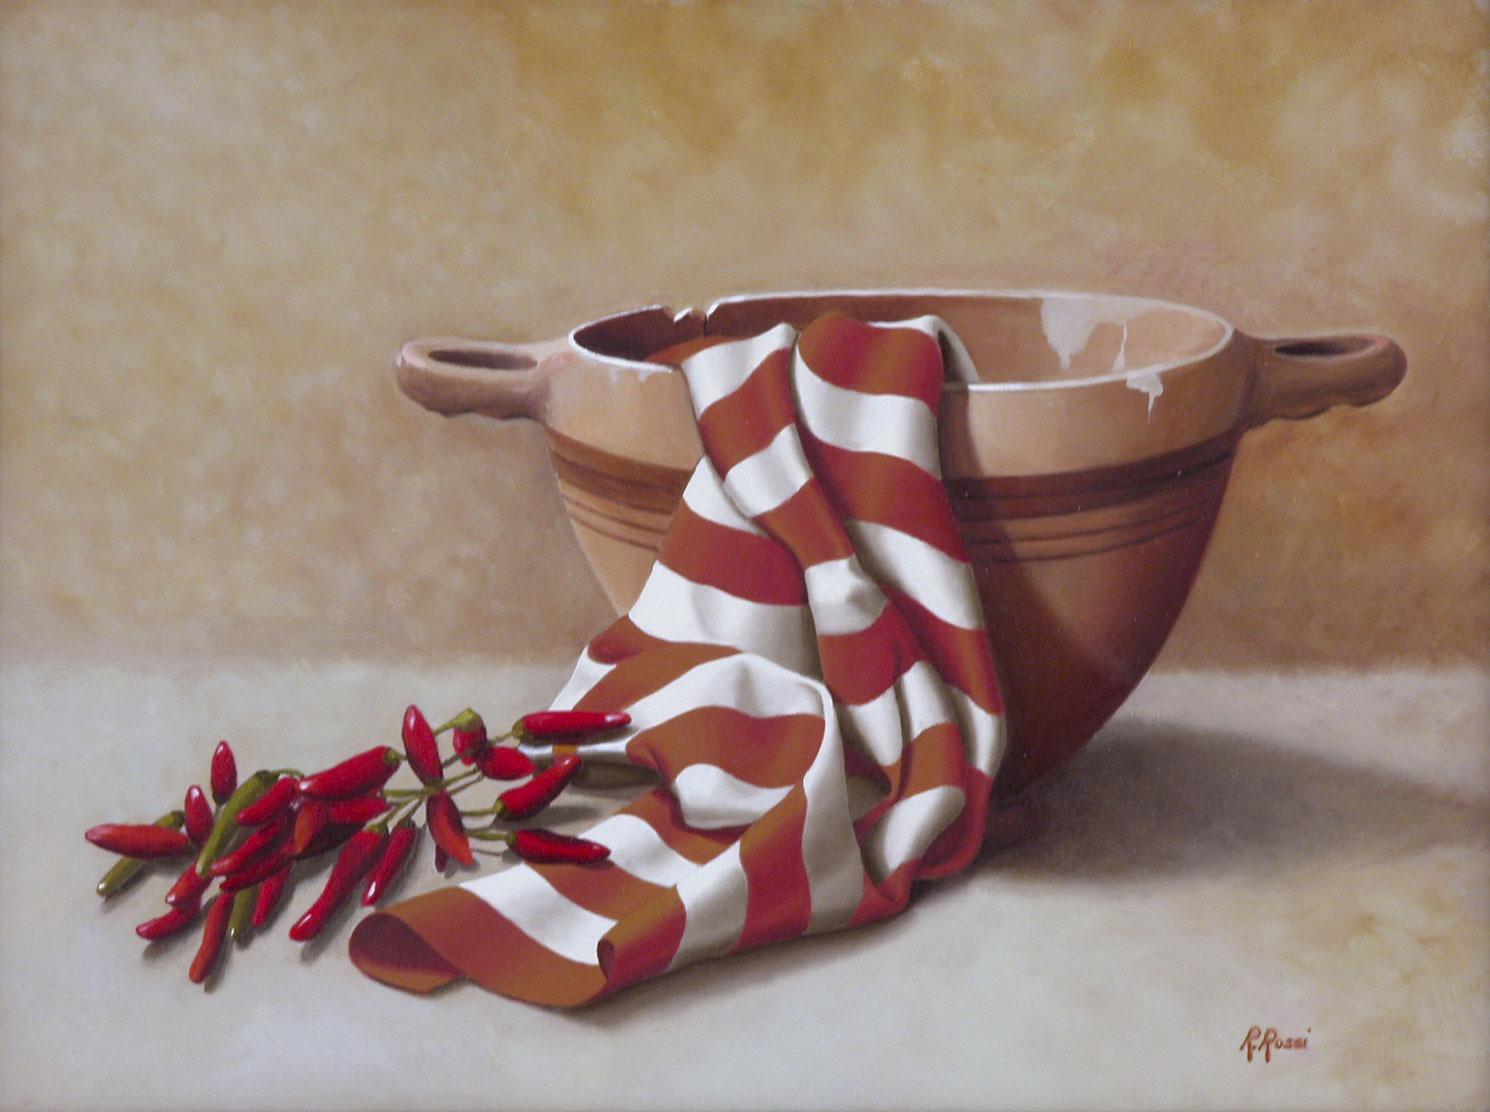 2008 roberta rossi – Composizione con skyphos e peperoncini – olio su tela – 30 x 40